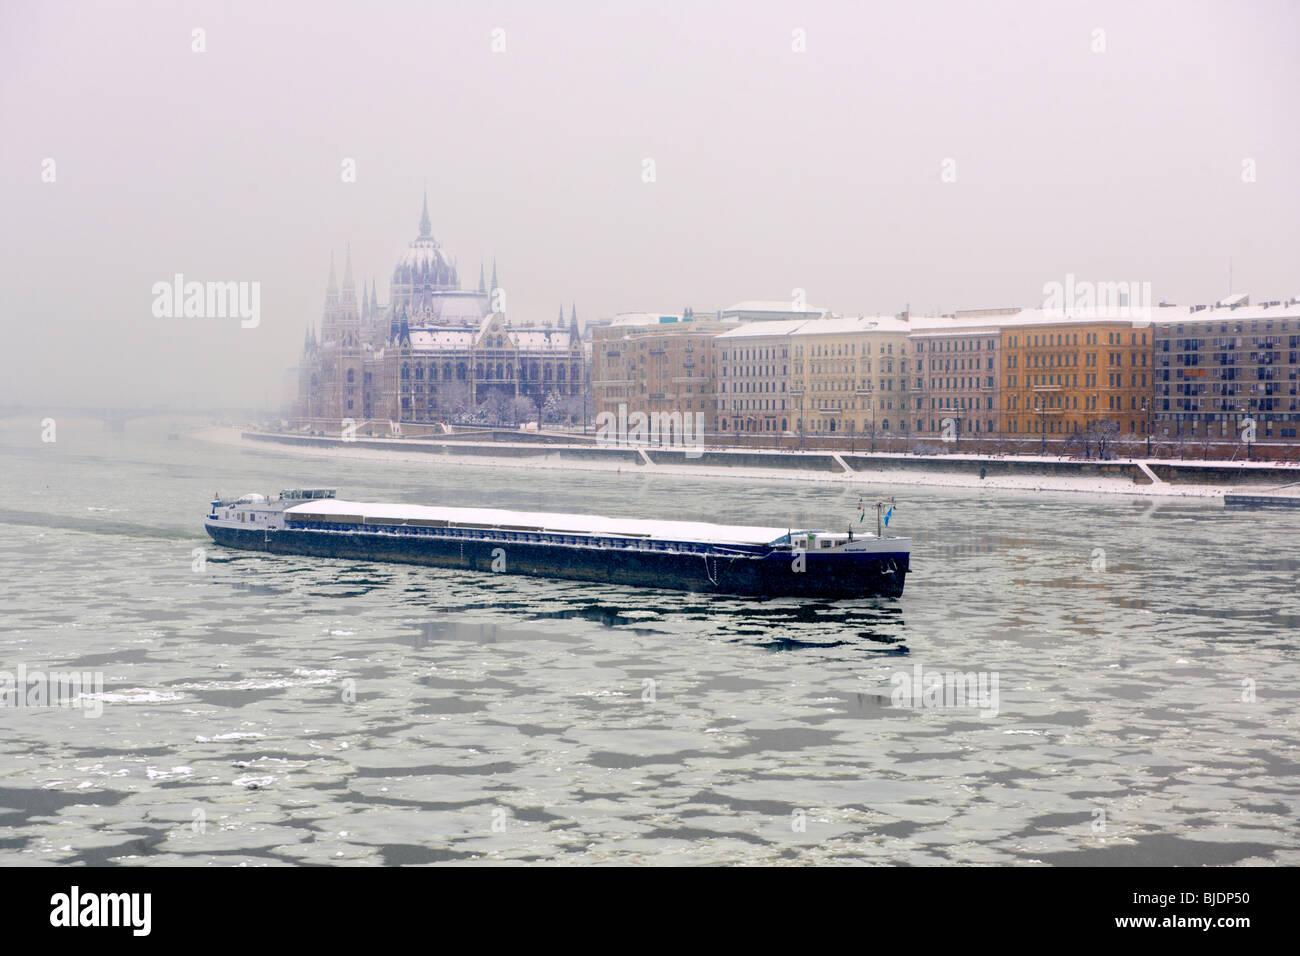 La glace sur le Danube gelé et neige de l'hiver. Photos d'hiver de Budapest Photo Stock